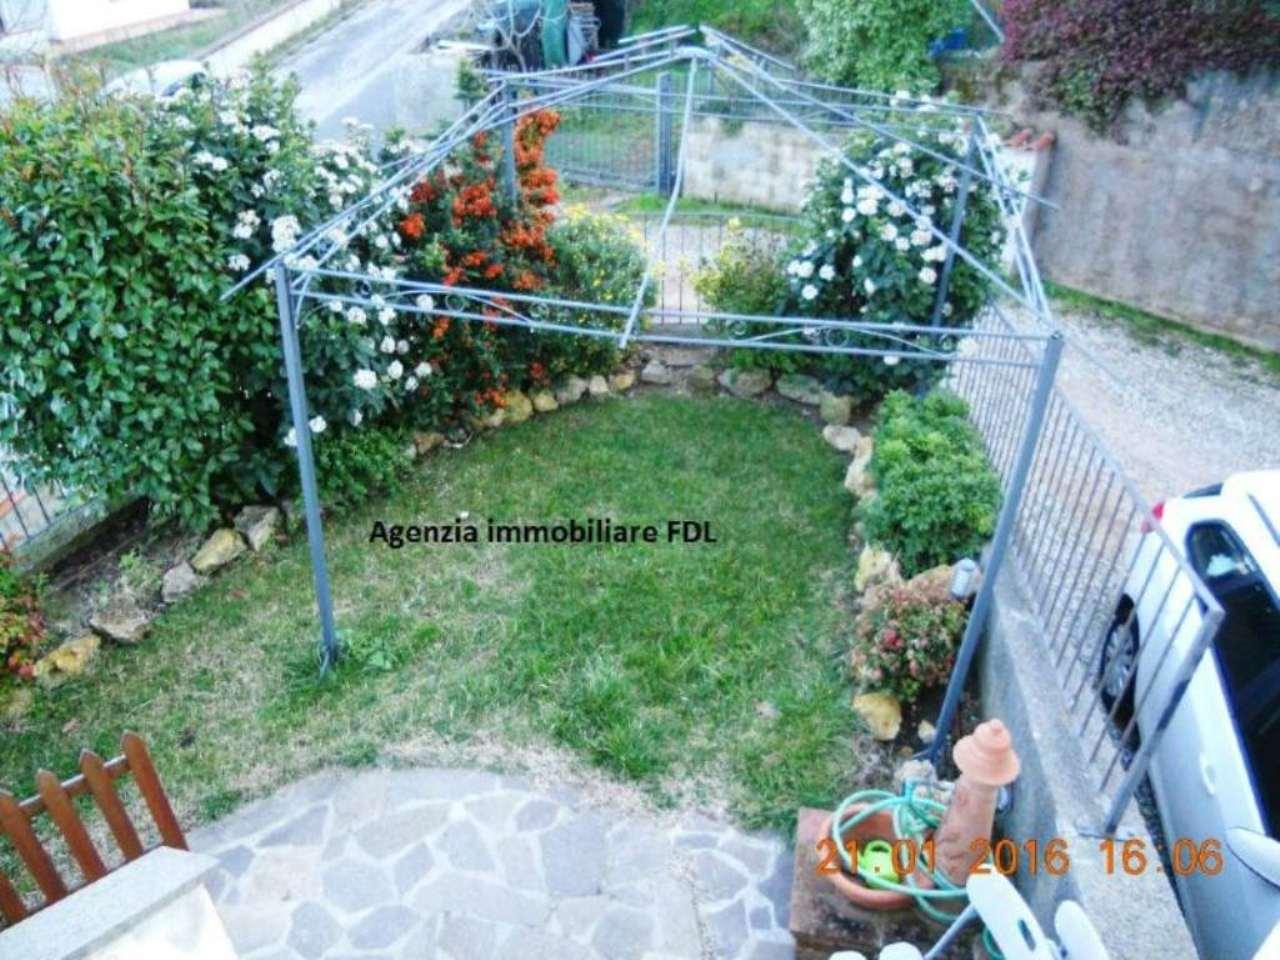 Appartamento in vendita a Casciana Terme Lari, 4 locali, prezzo € 145.000 | PortaleAgenzieImmobiliari.it